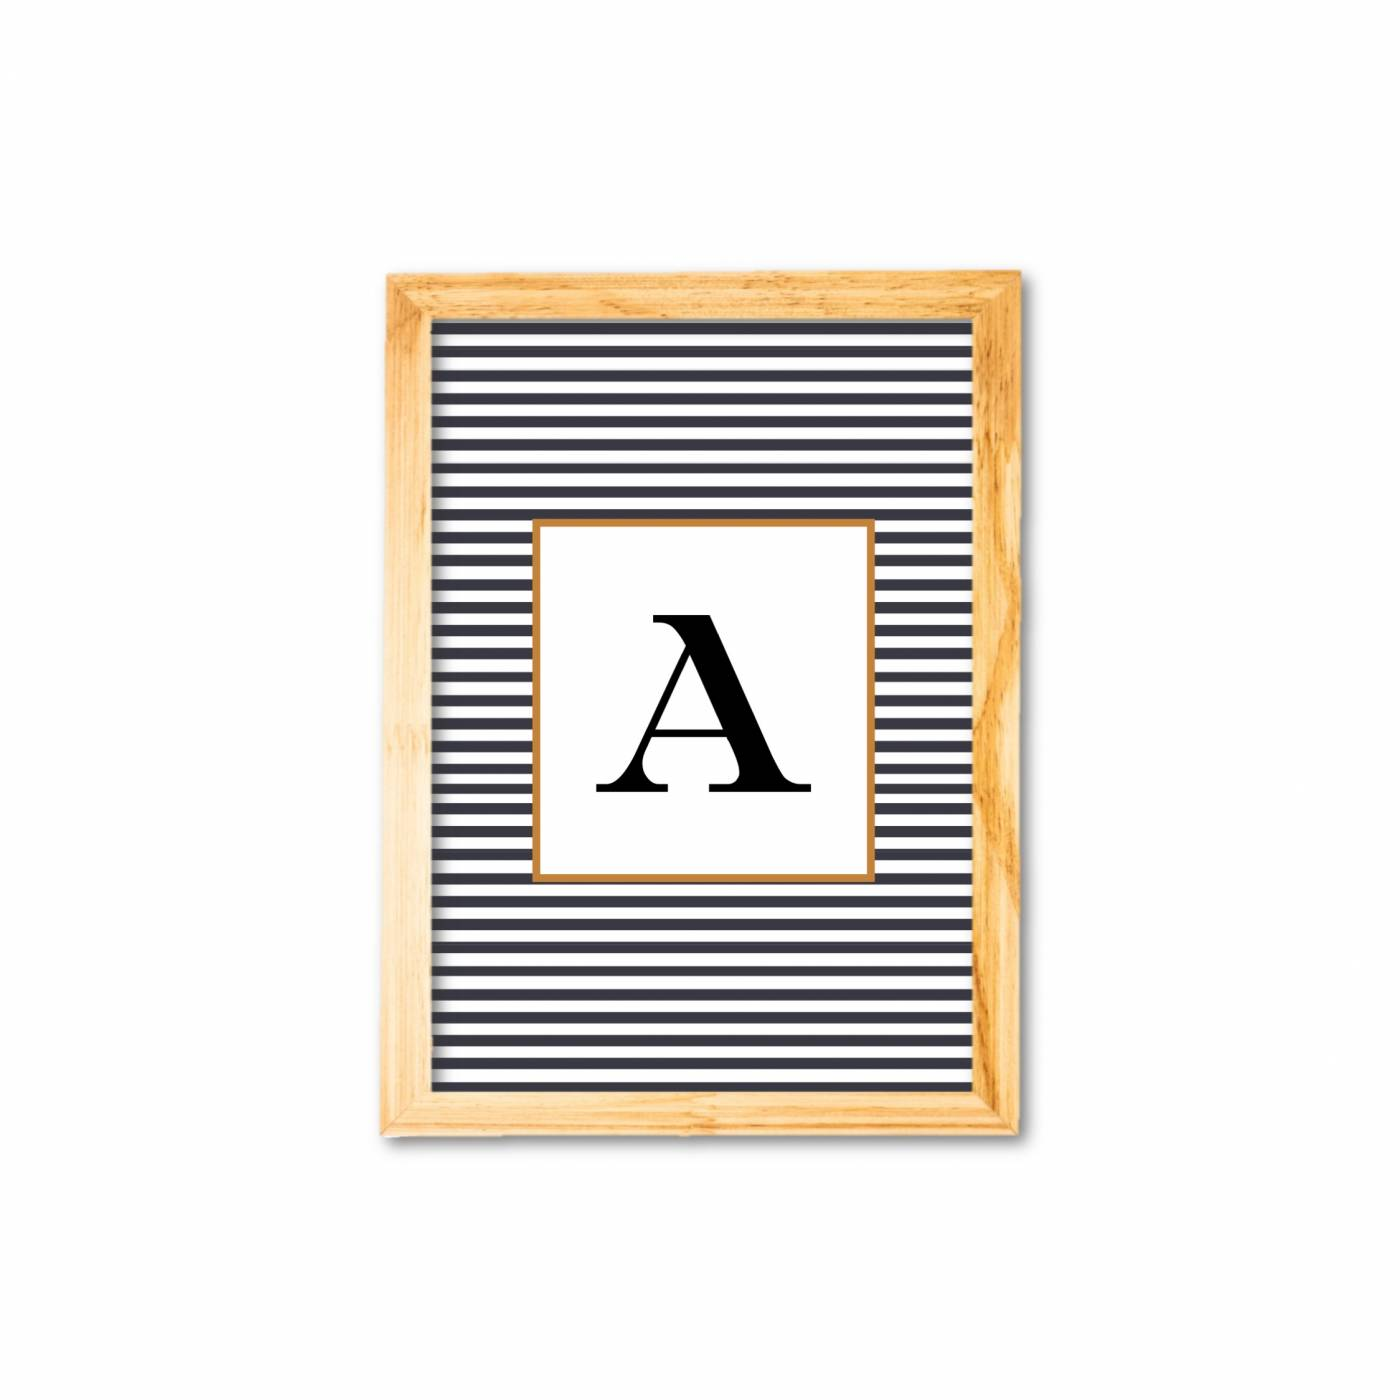 Letras listras (personalizado)